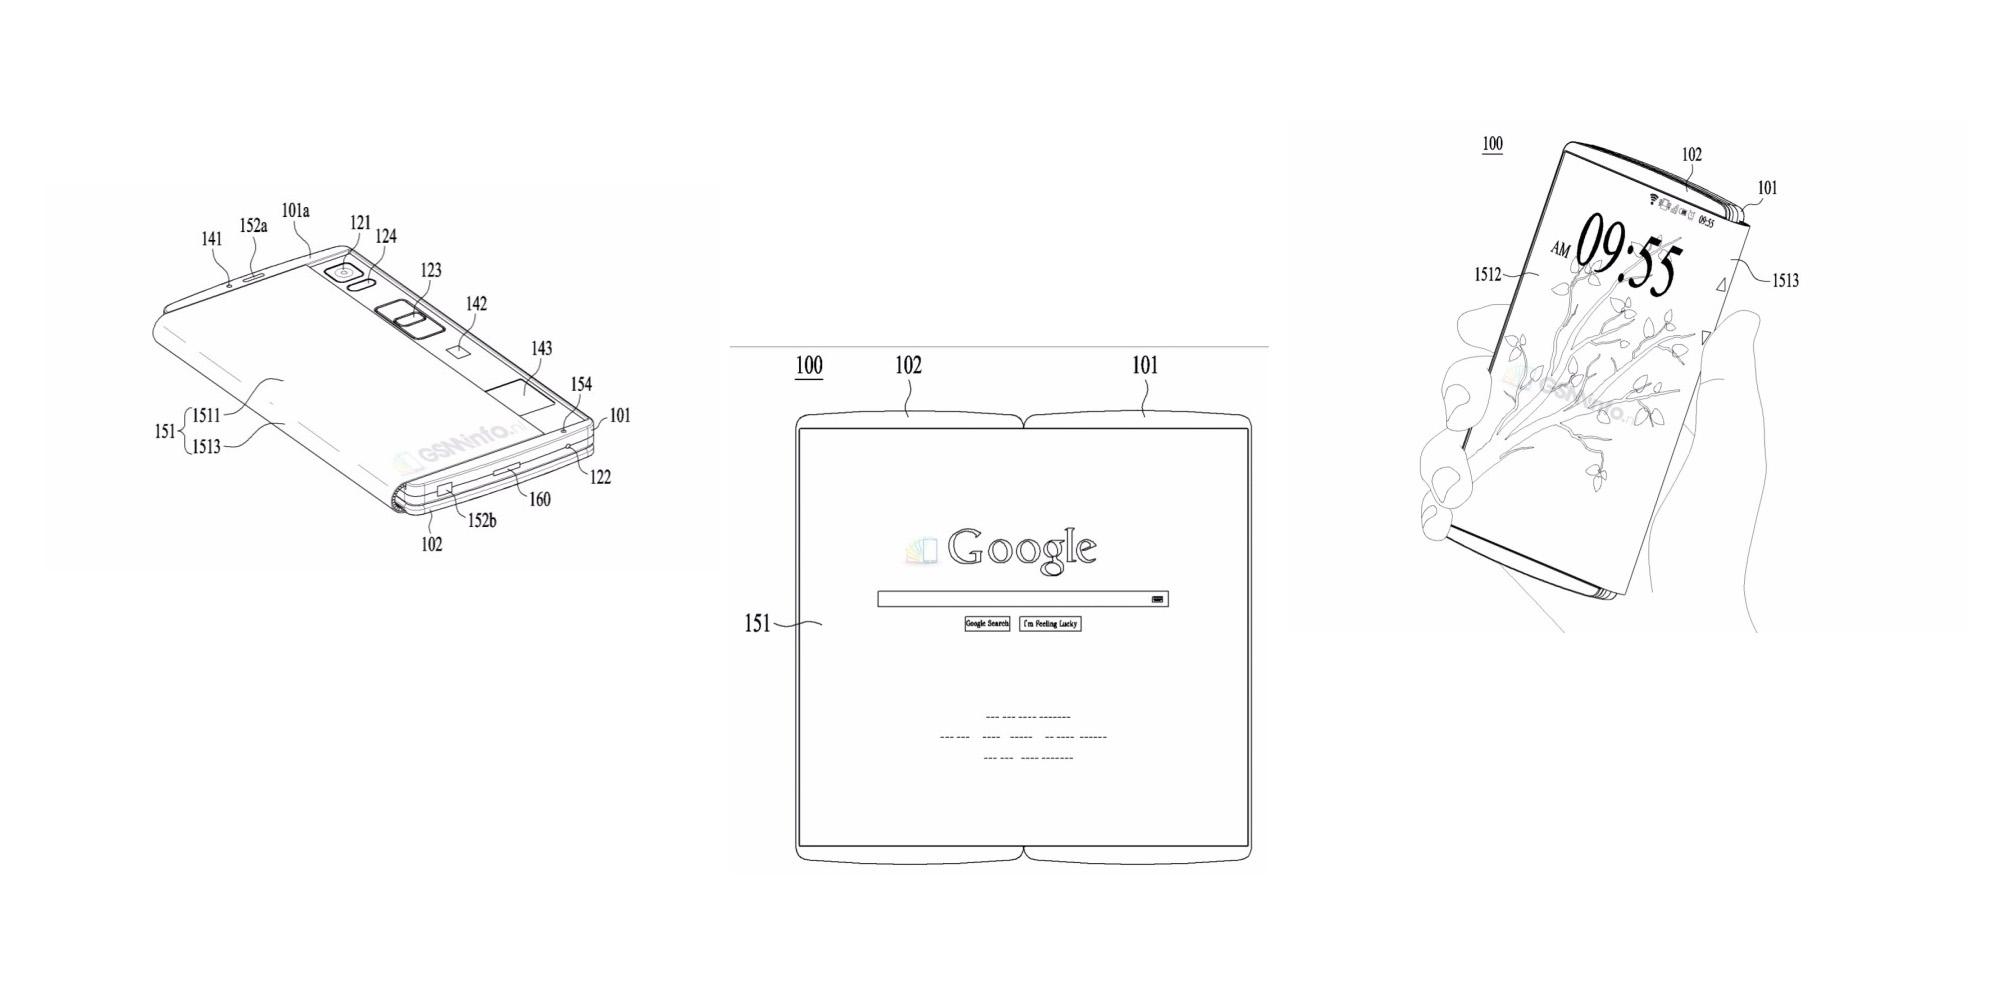 lg_foldable_patent